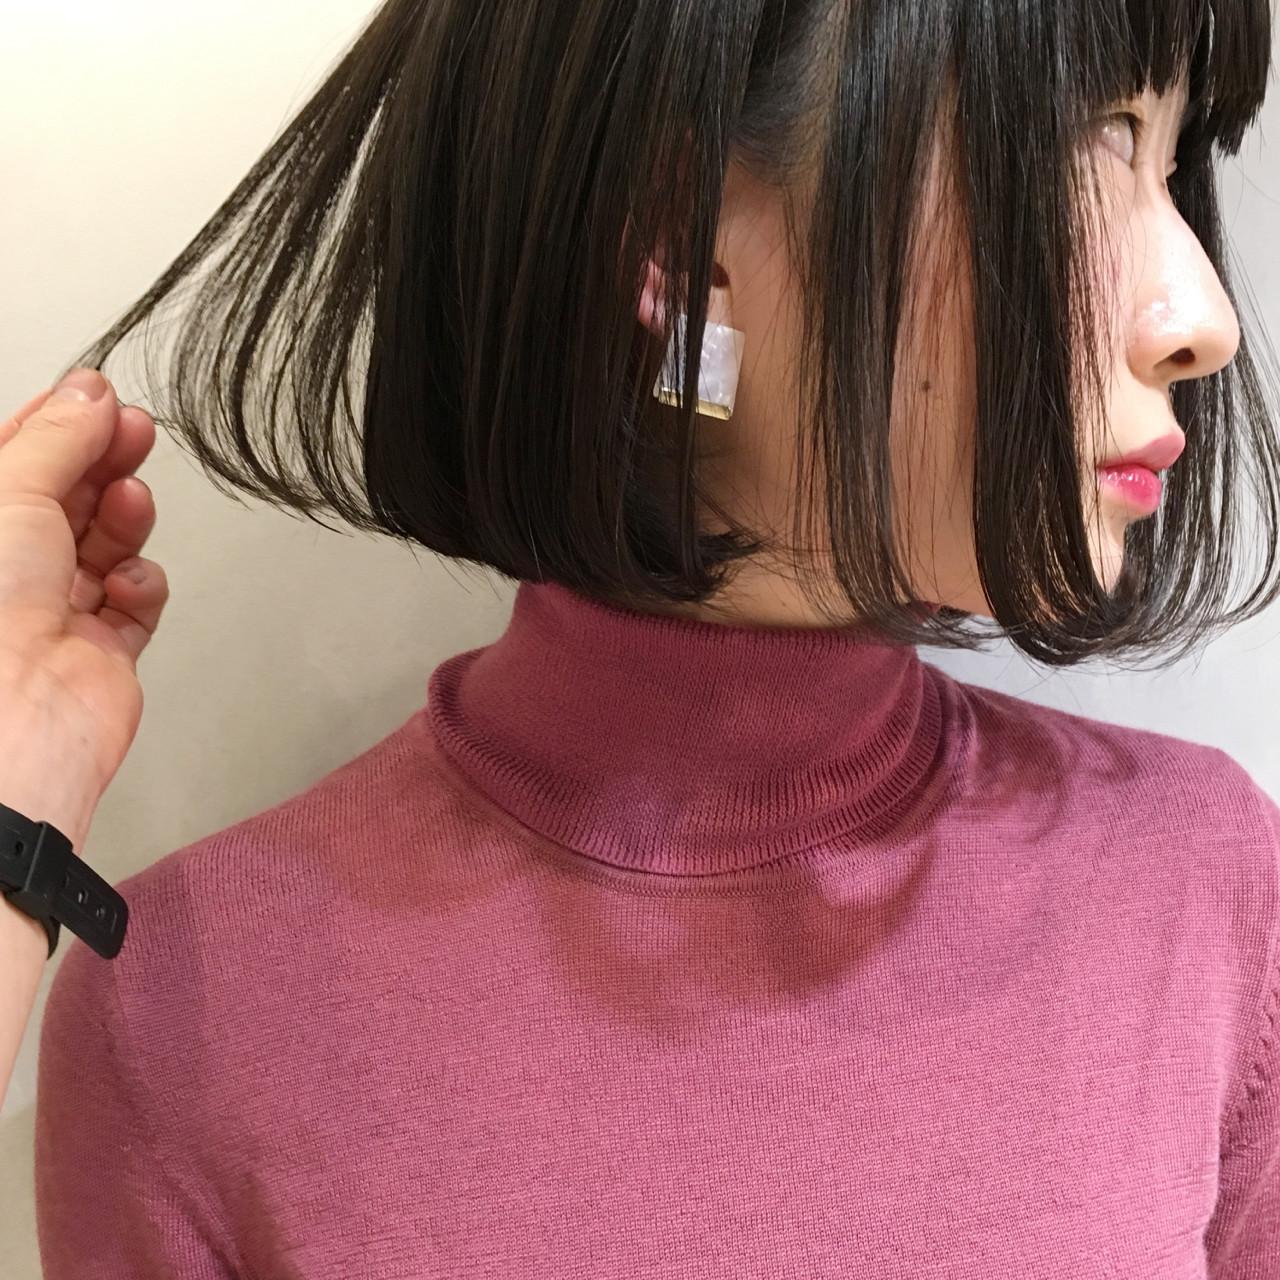 ナチュラル 大人女子 こなれ感 小顔 ヘアスタイルや髪型の写真・画像